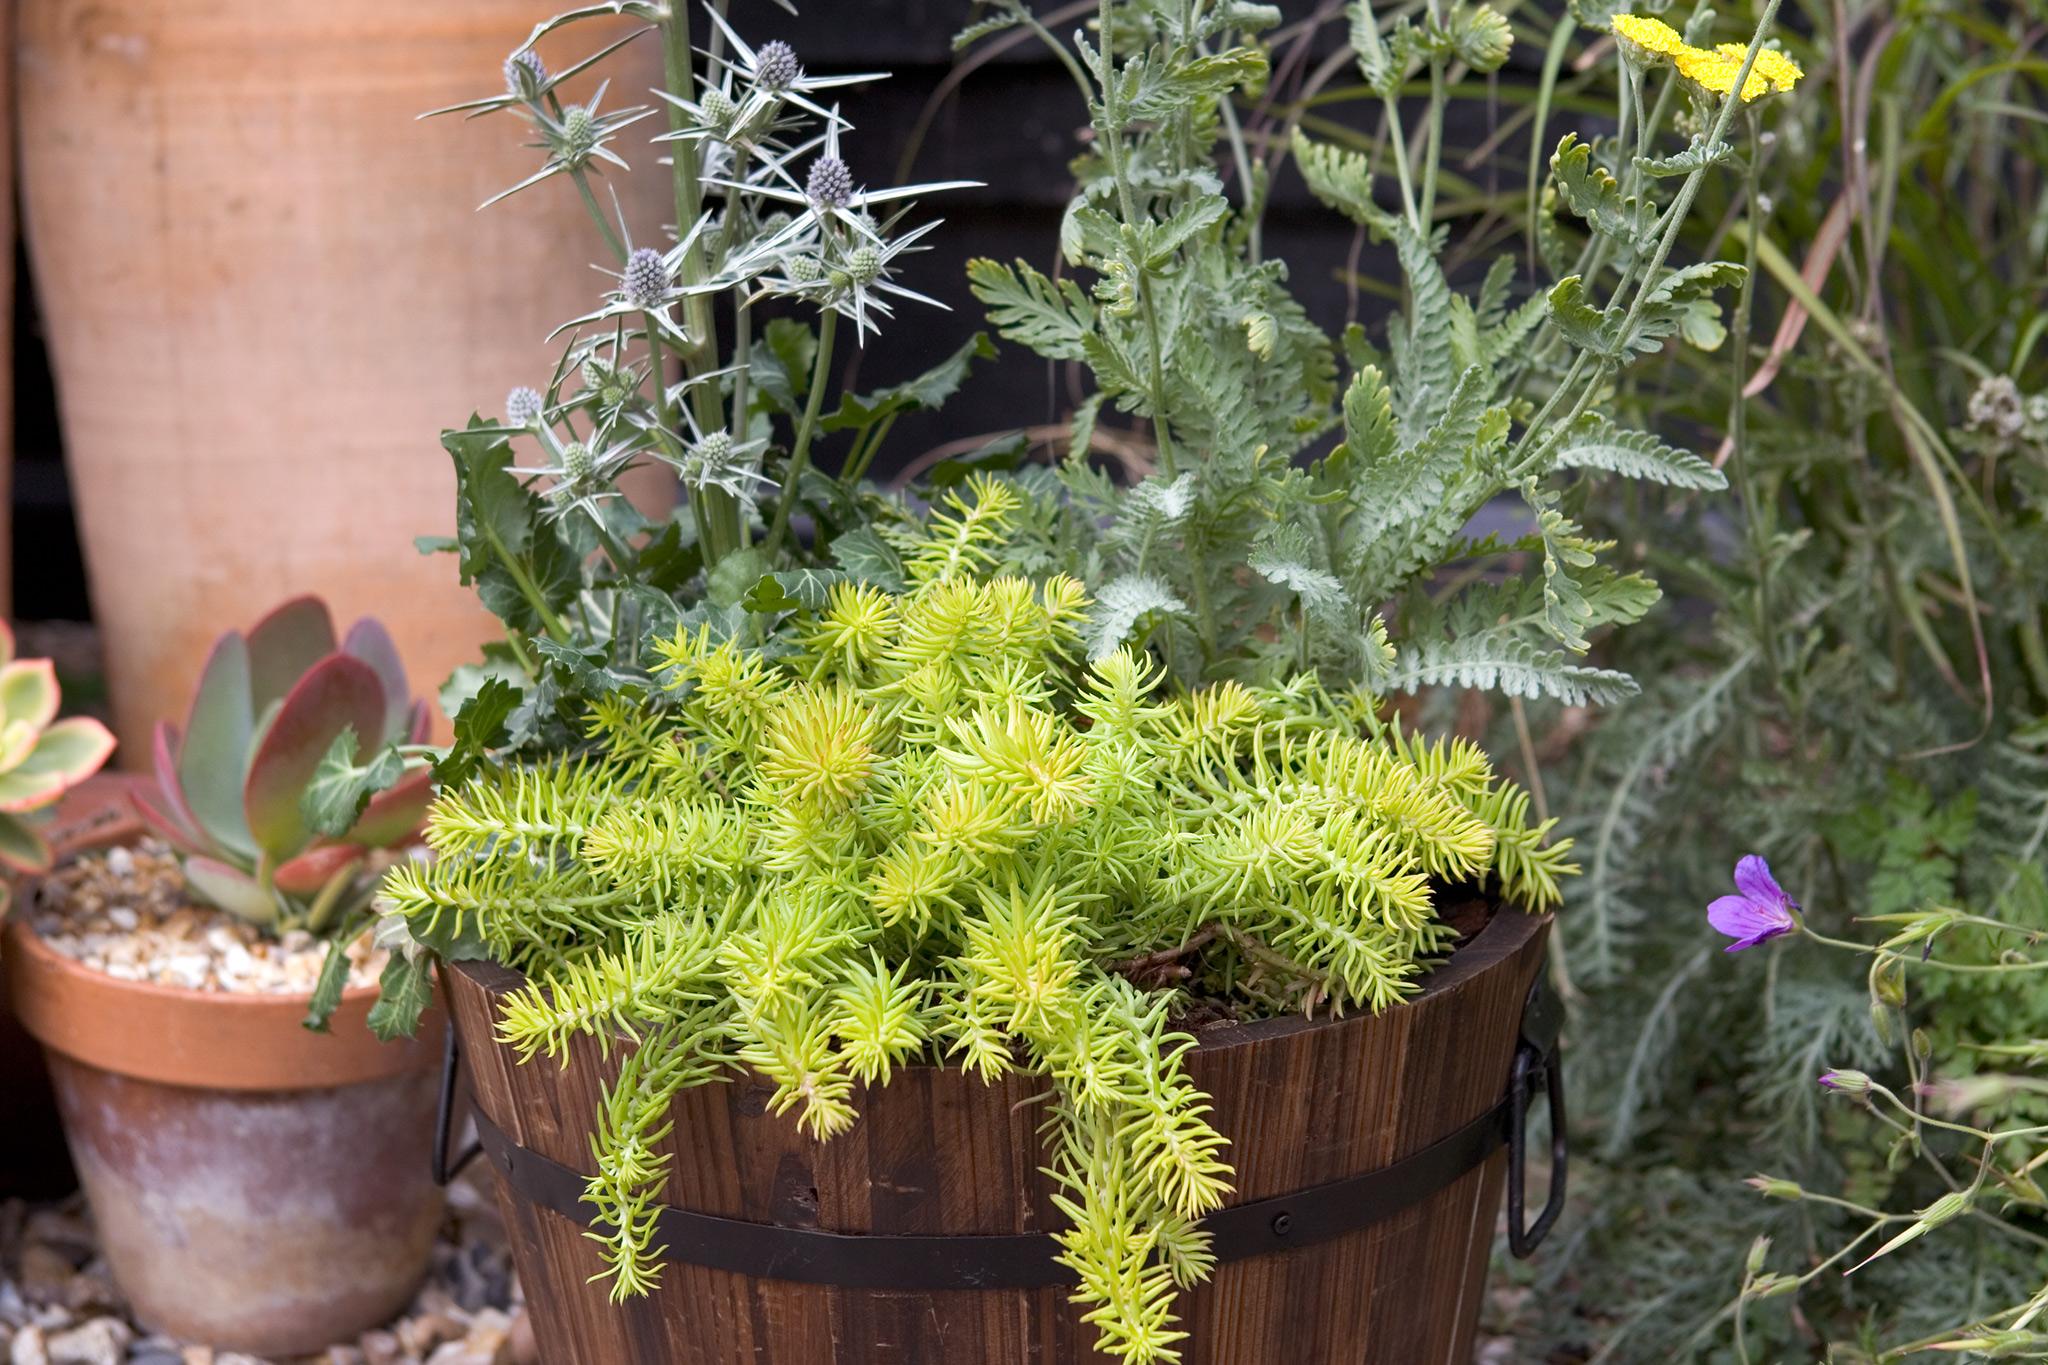 eryngium-achillea-and-sedum-pot-container-display-2